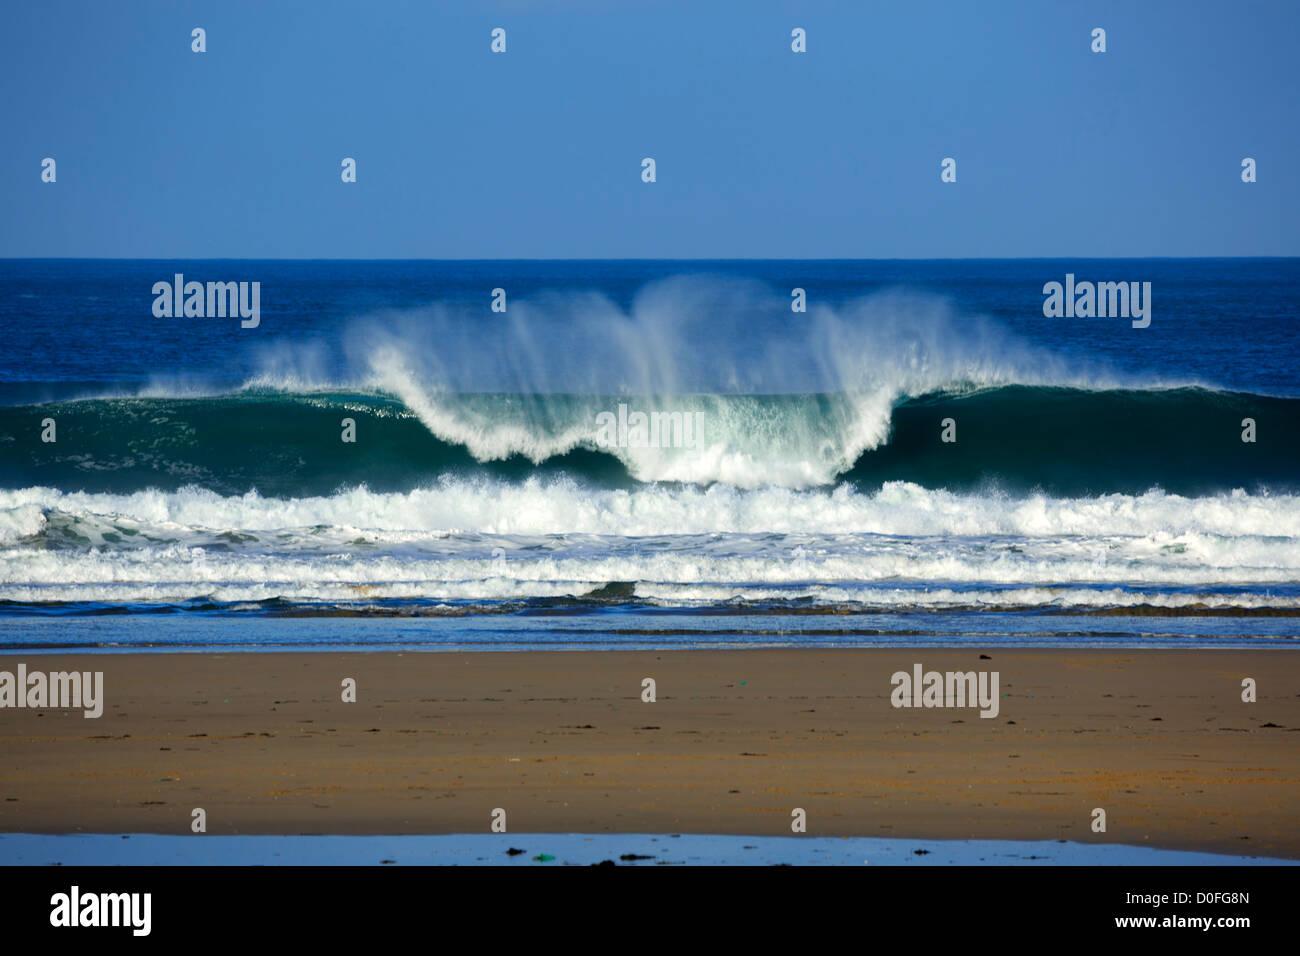 Portreath, Cornwall. Eine Welle bricht am Strand. Stockbild